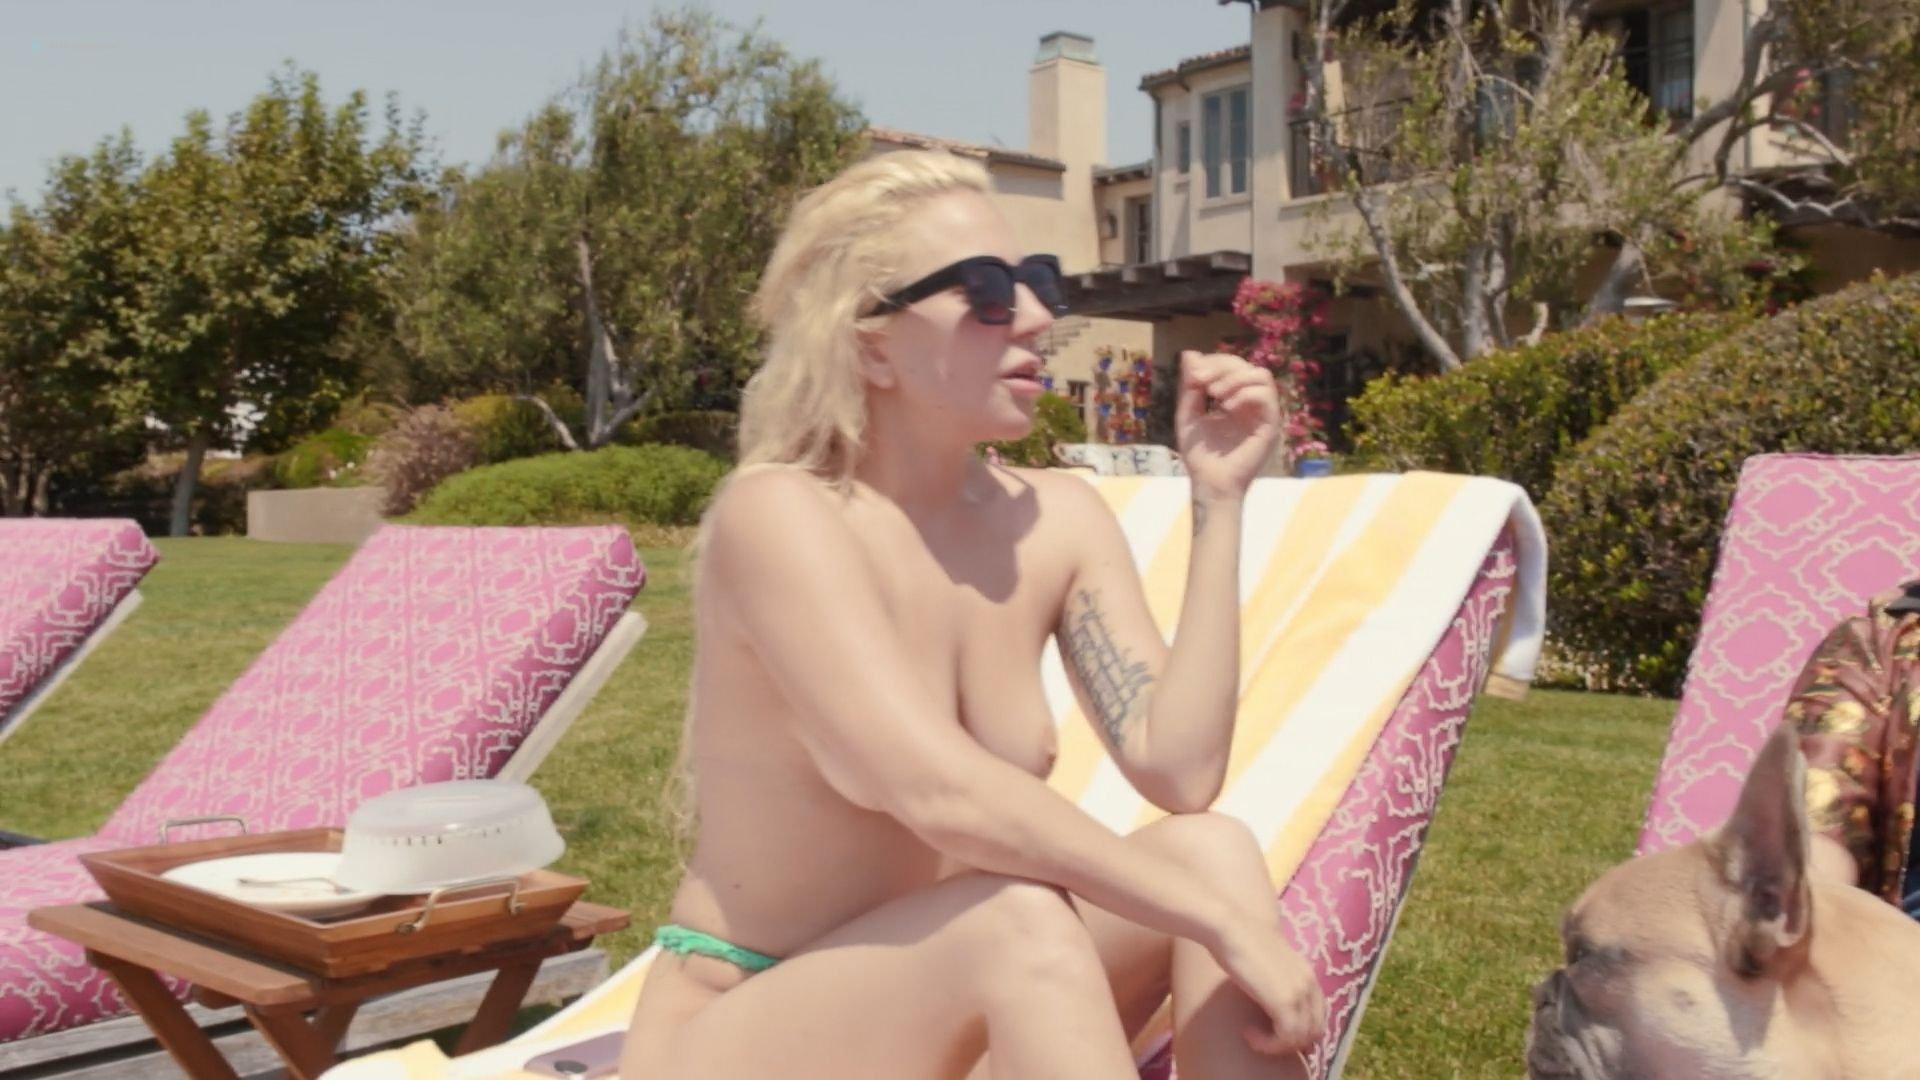 Wwe women nude boobs